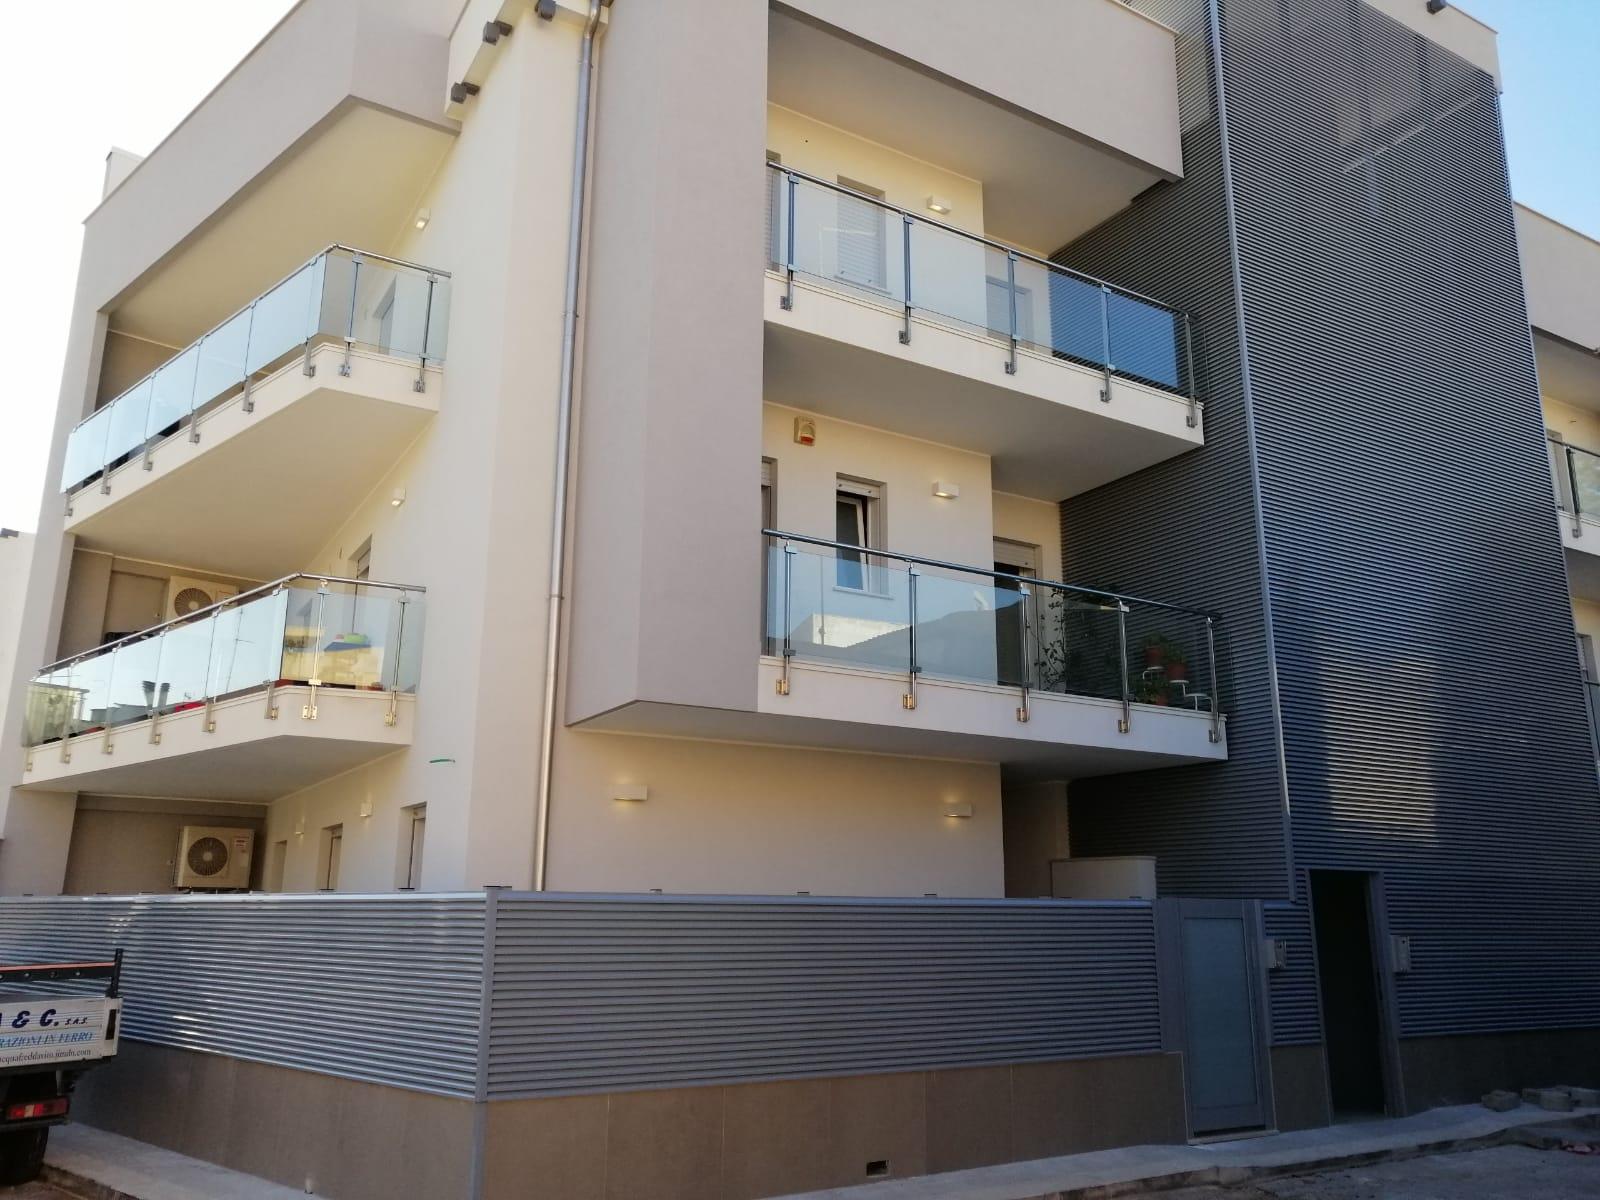 Balconi e ringhiere trasparenti a Bari, Brindisi e in Puglia